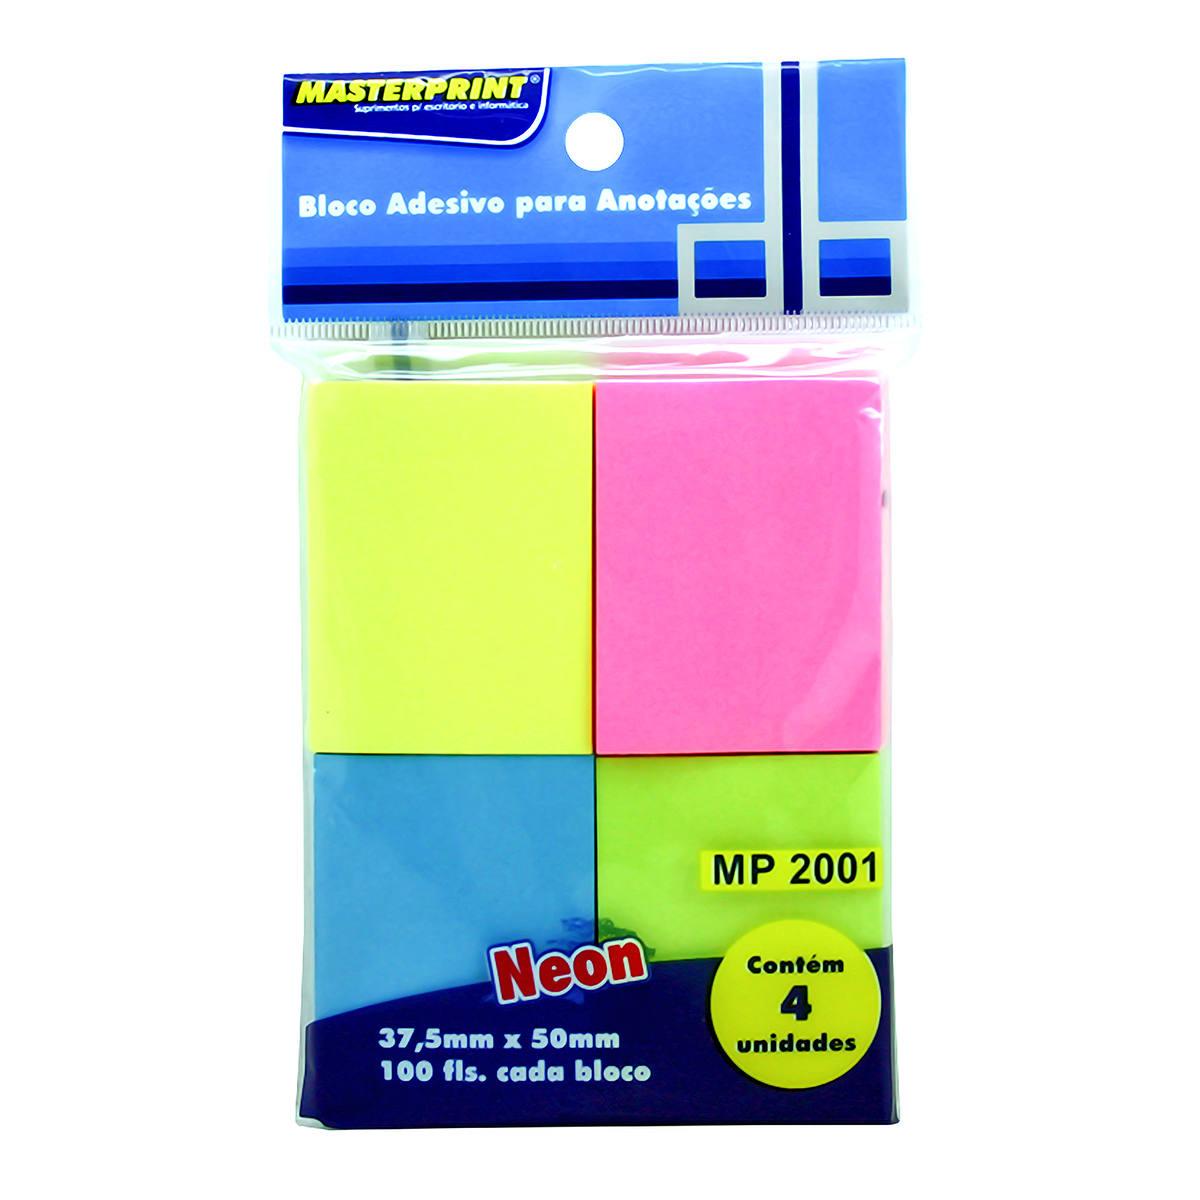 Bloco Adesivo para Anotações 4 Cores Neon 37.5x50mm com 4 Blocos de 100 Folhas cada Masterprint MP2001